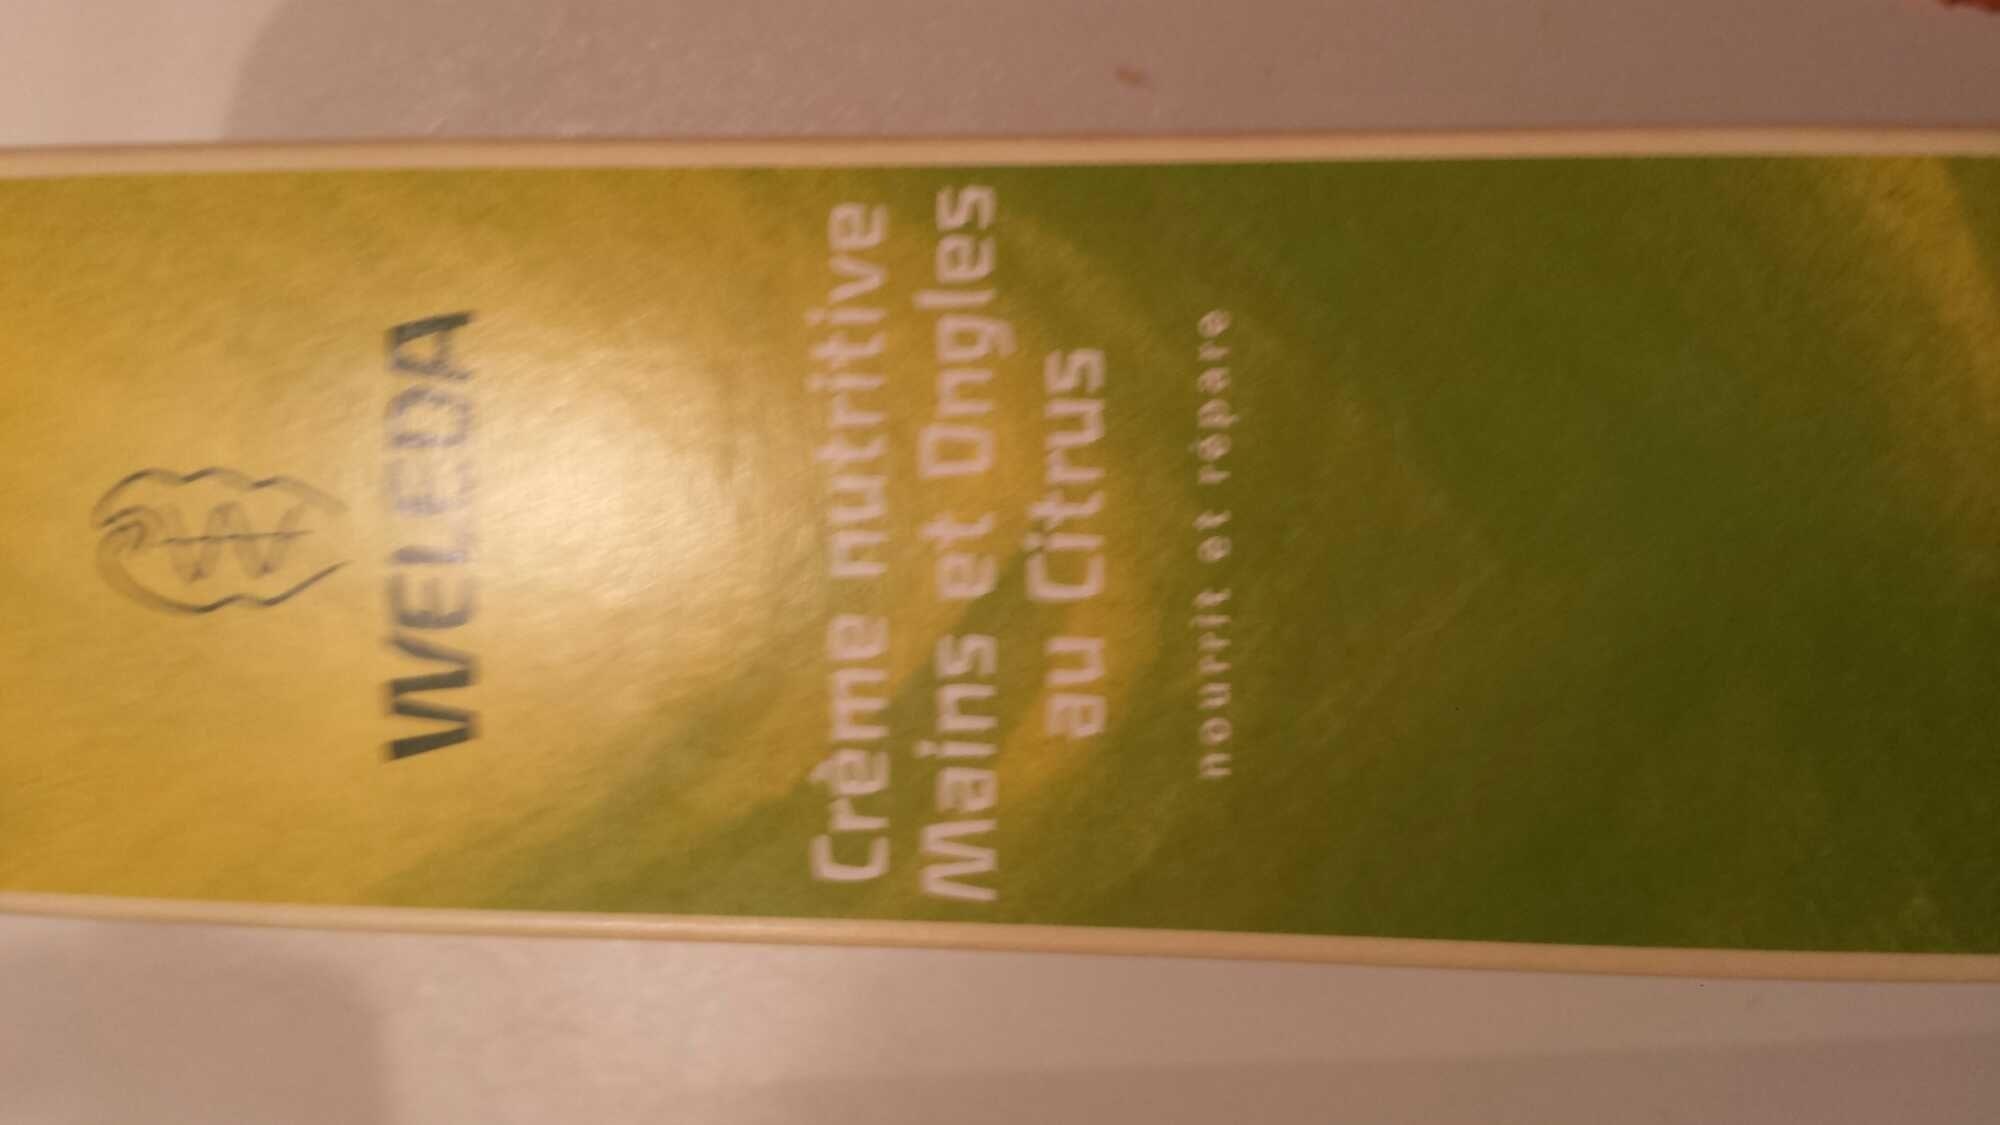 Crème nutritive mains et ongles au citr - Produit - fr